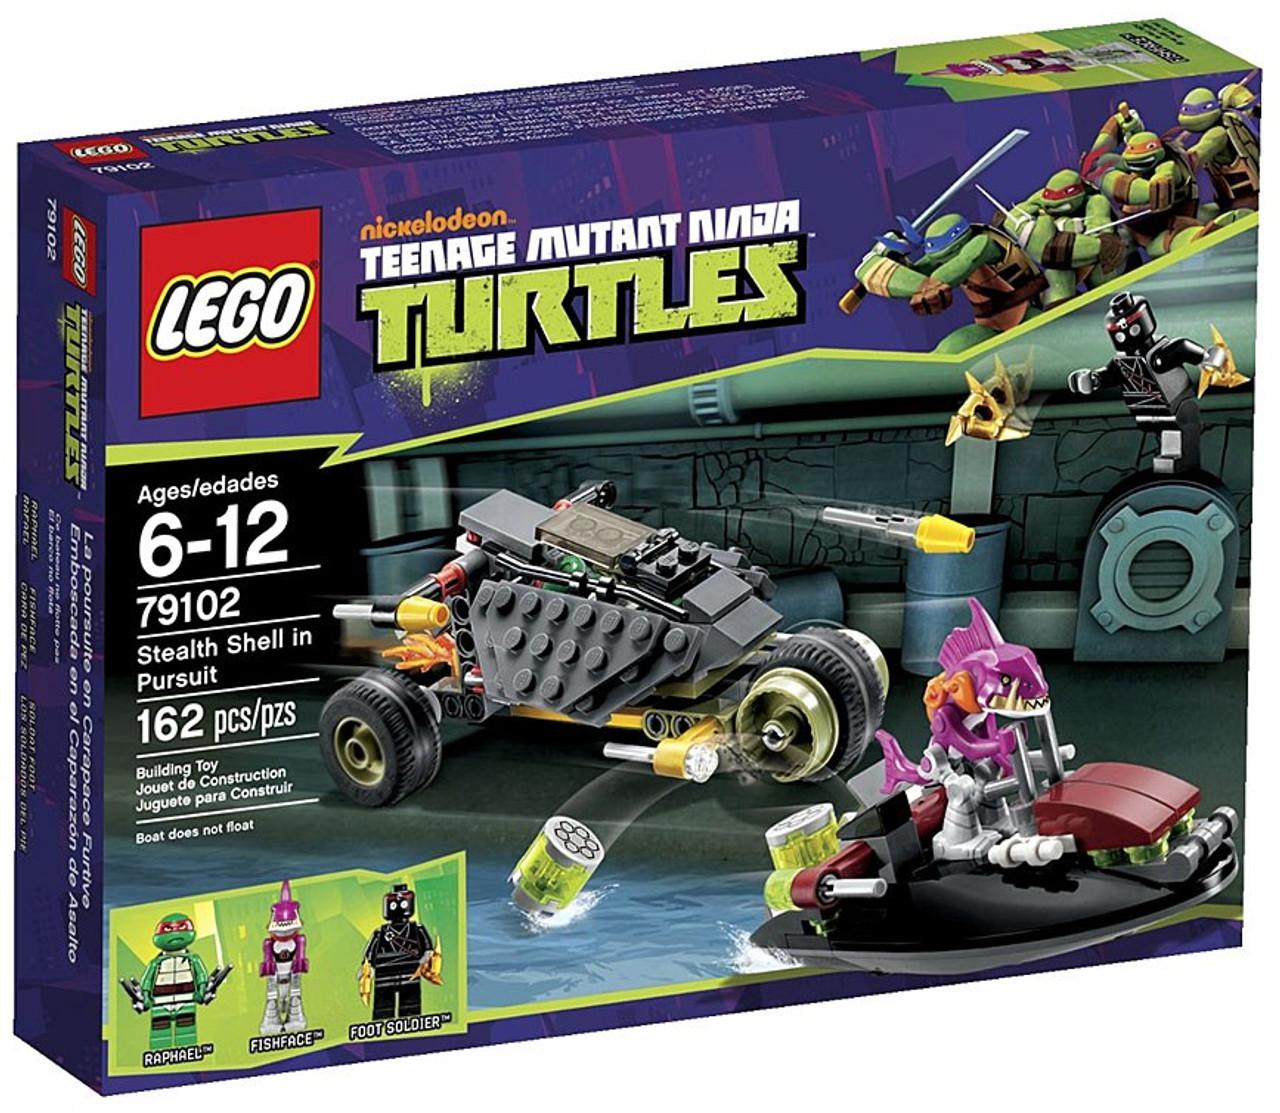 LEGO Teenage Mutant Ninja Turtles Stealth Shell in Pursuit Set #79102